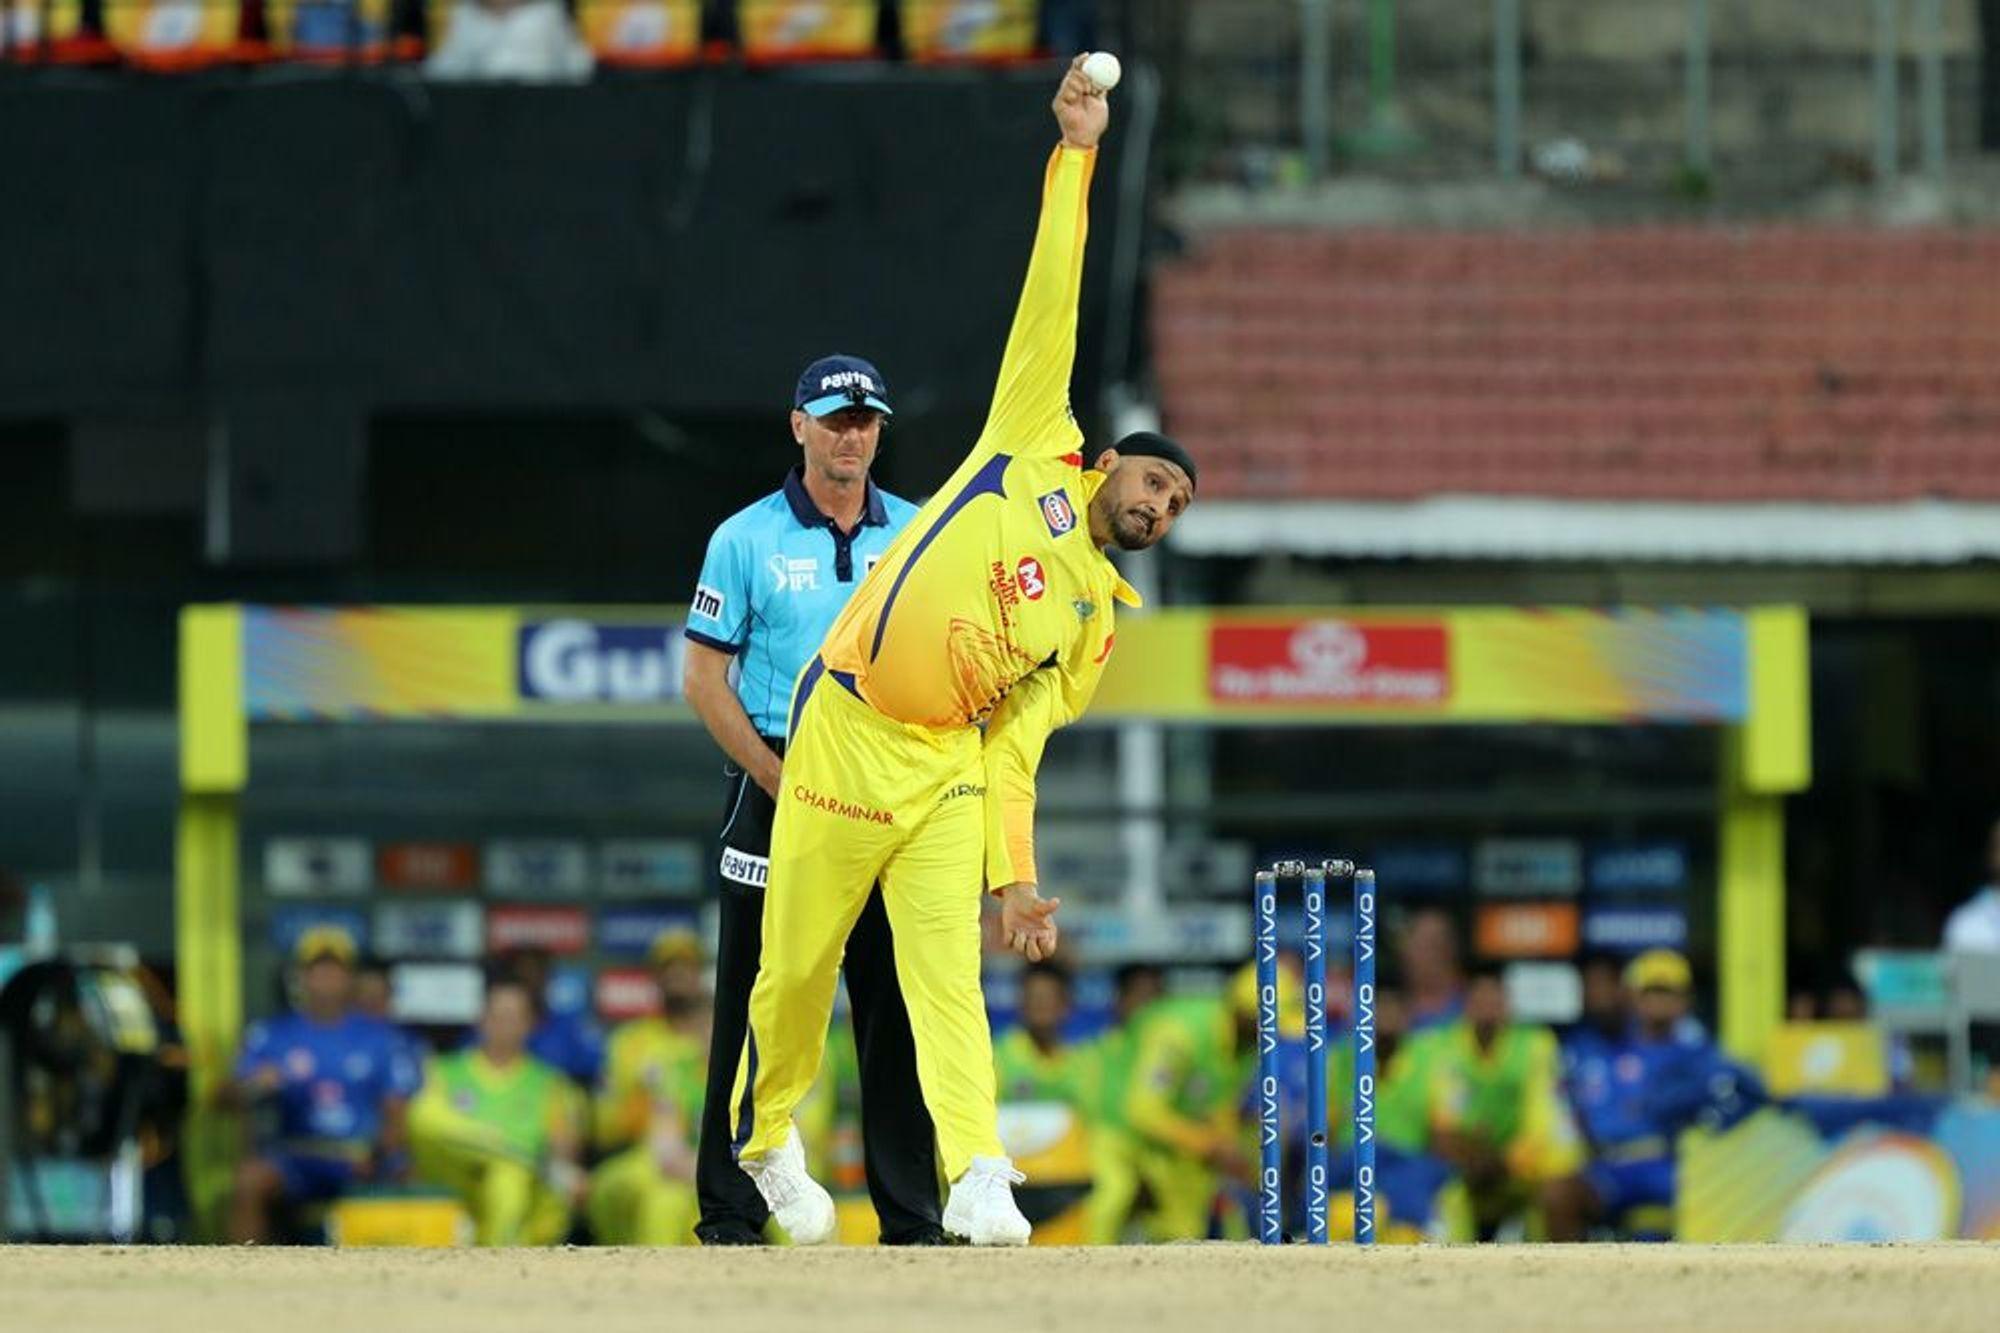 150 kmph की स्पीड से गेंदबाजी करने वाले इस भारतीय खिलाड़ी को विश्वकप टीम में देखना चाहते थे हरभजन सिंह 1